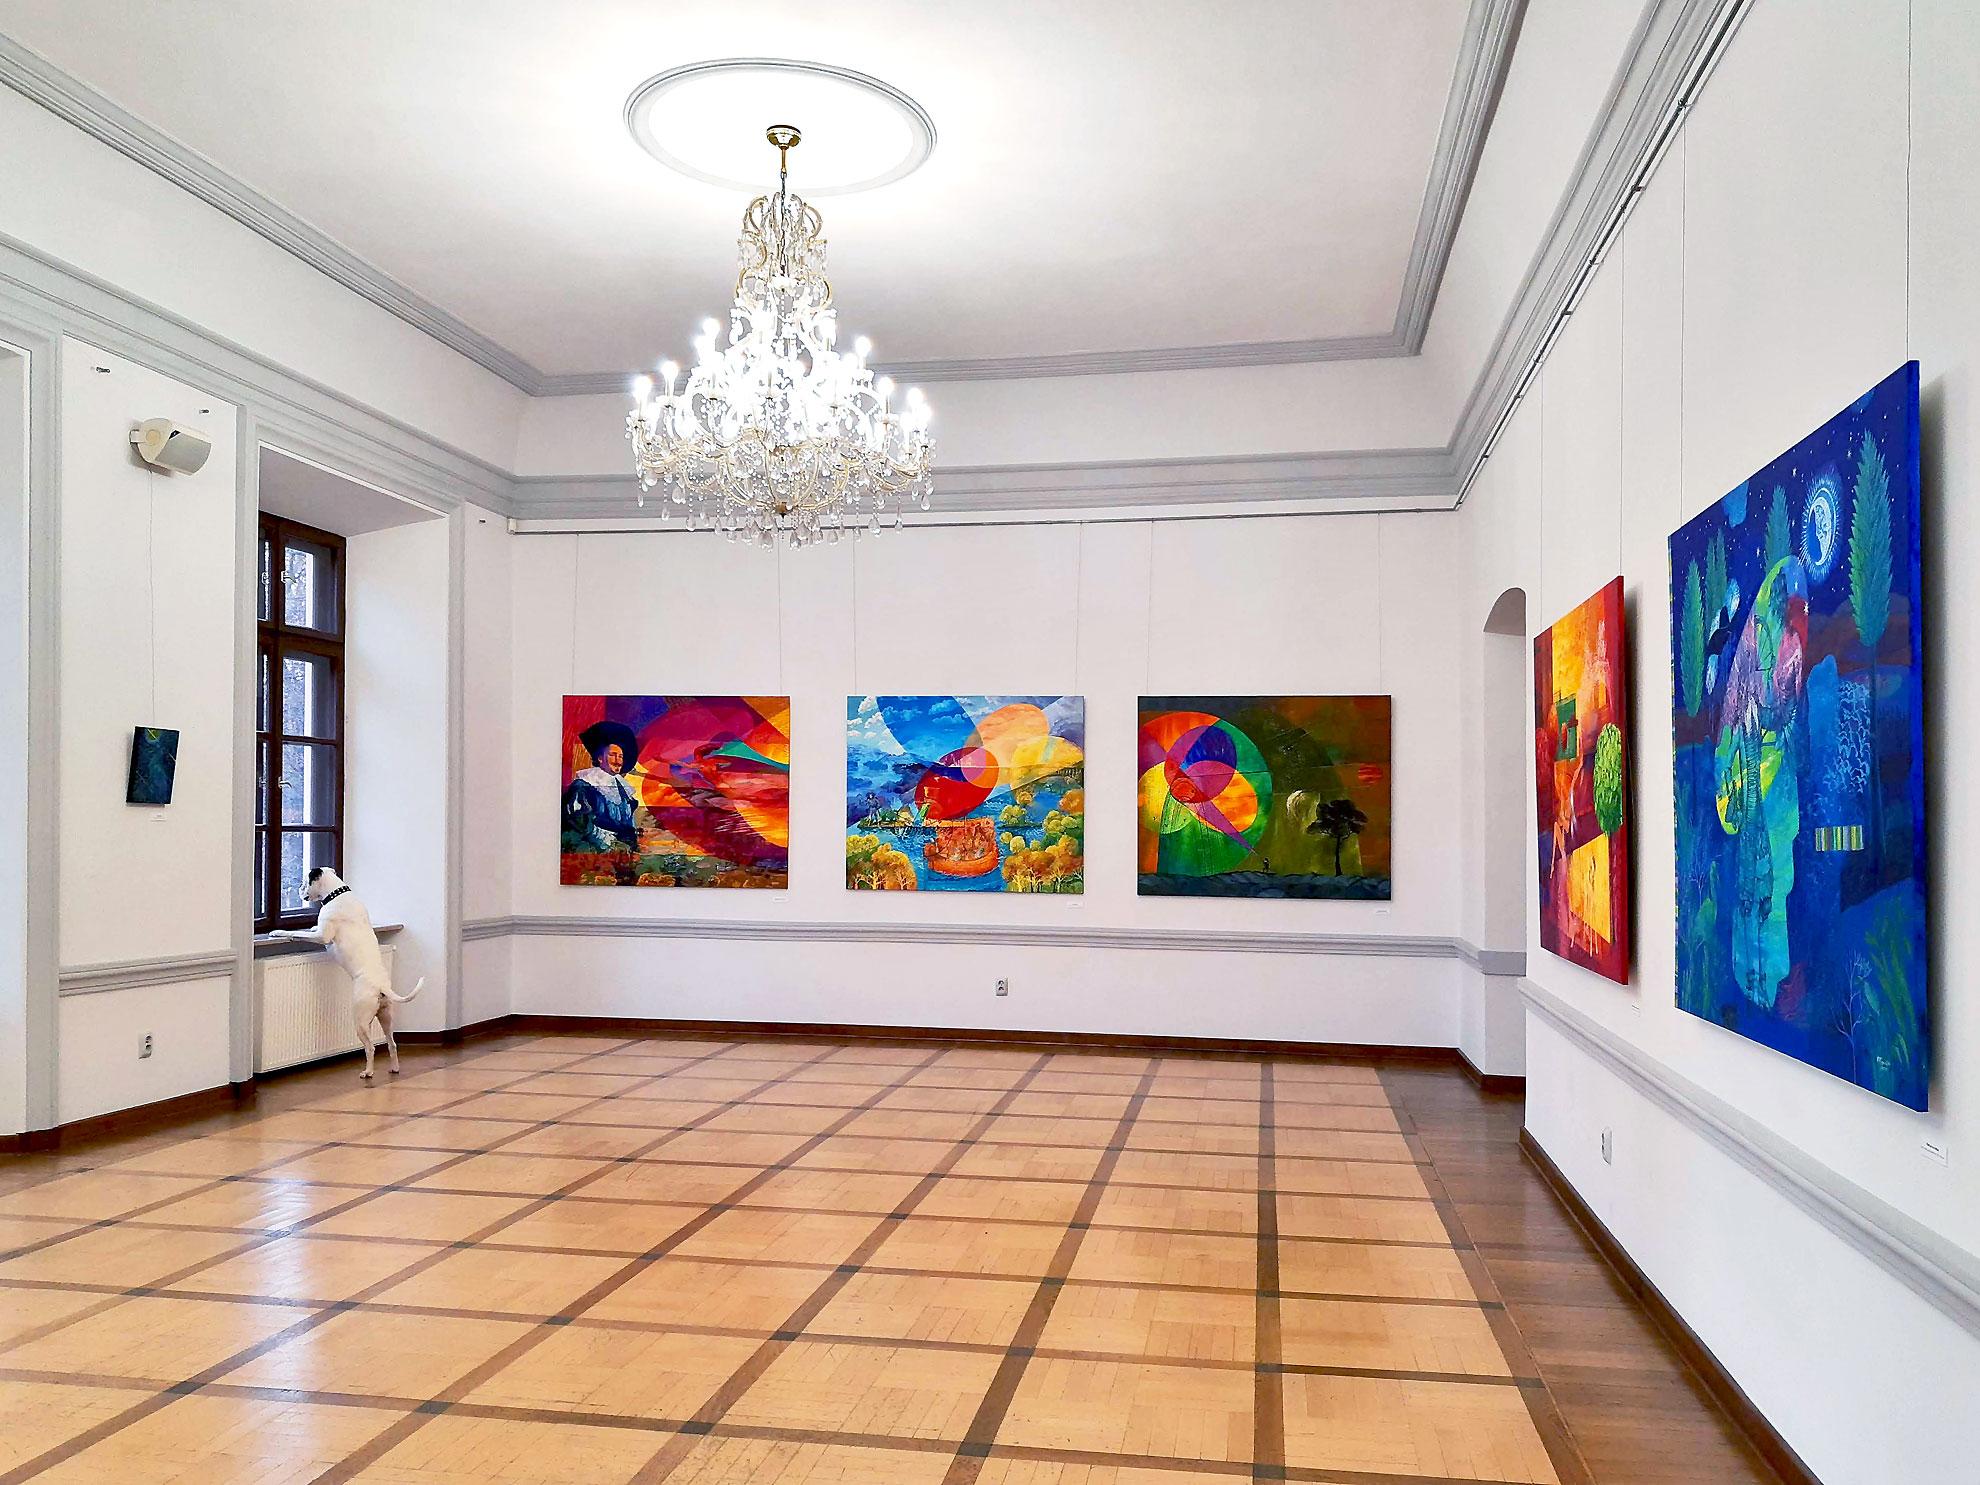 Painting exhibition Barok Dopamina iMeteory Katarzyna Kopanska 2020